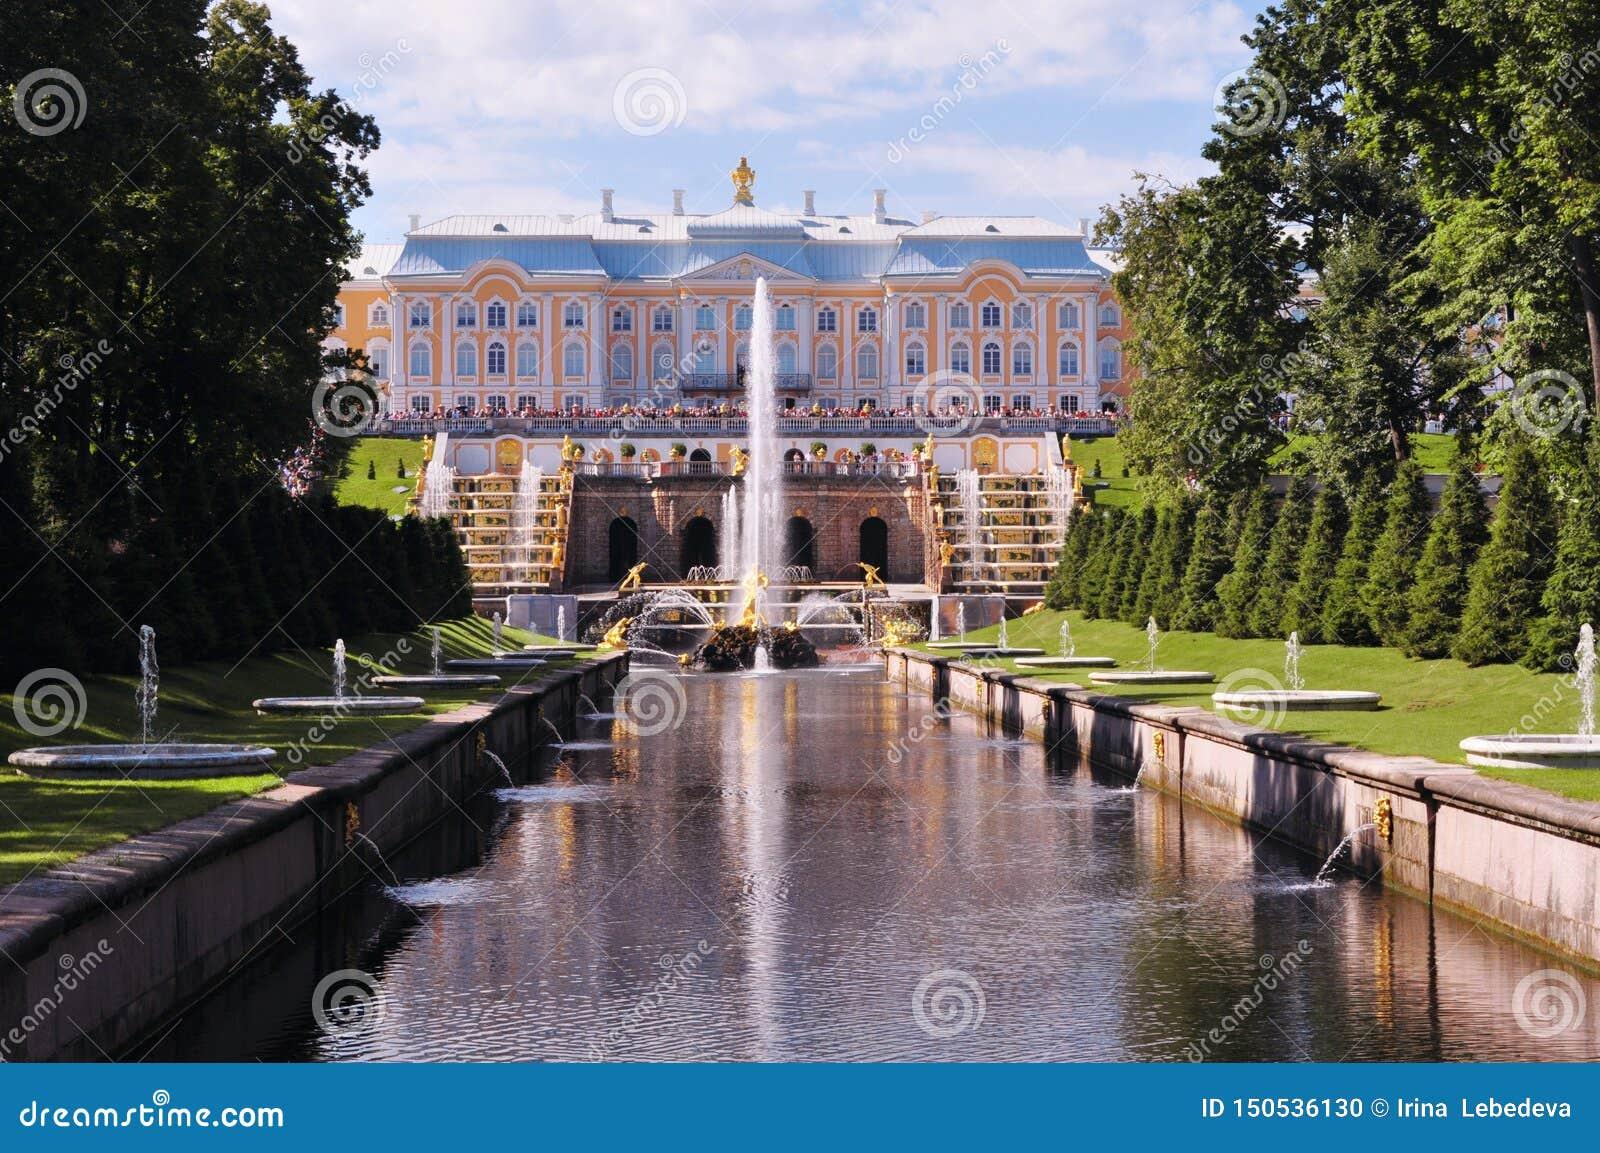 Rusland, St. Petersburg, Peterhof Juli 2014, Paleis met fontein